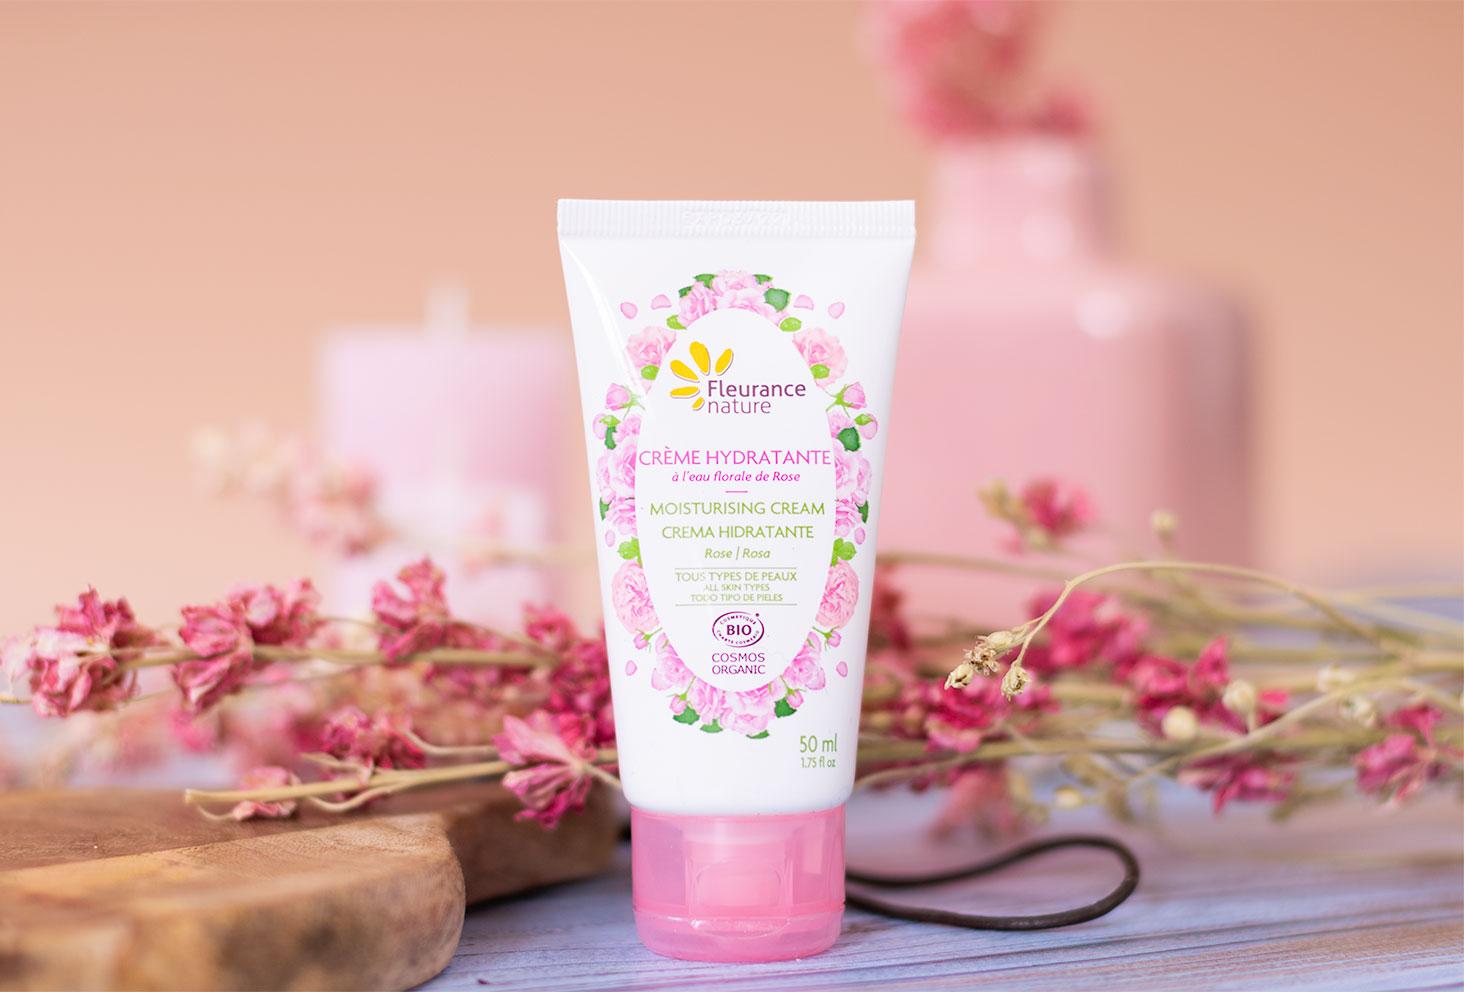 La crème hydratante BIO pour le visage de Fleurance Nature, debout devant une planche à découper en bois et des fleurs séchées roses